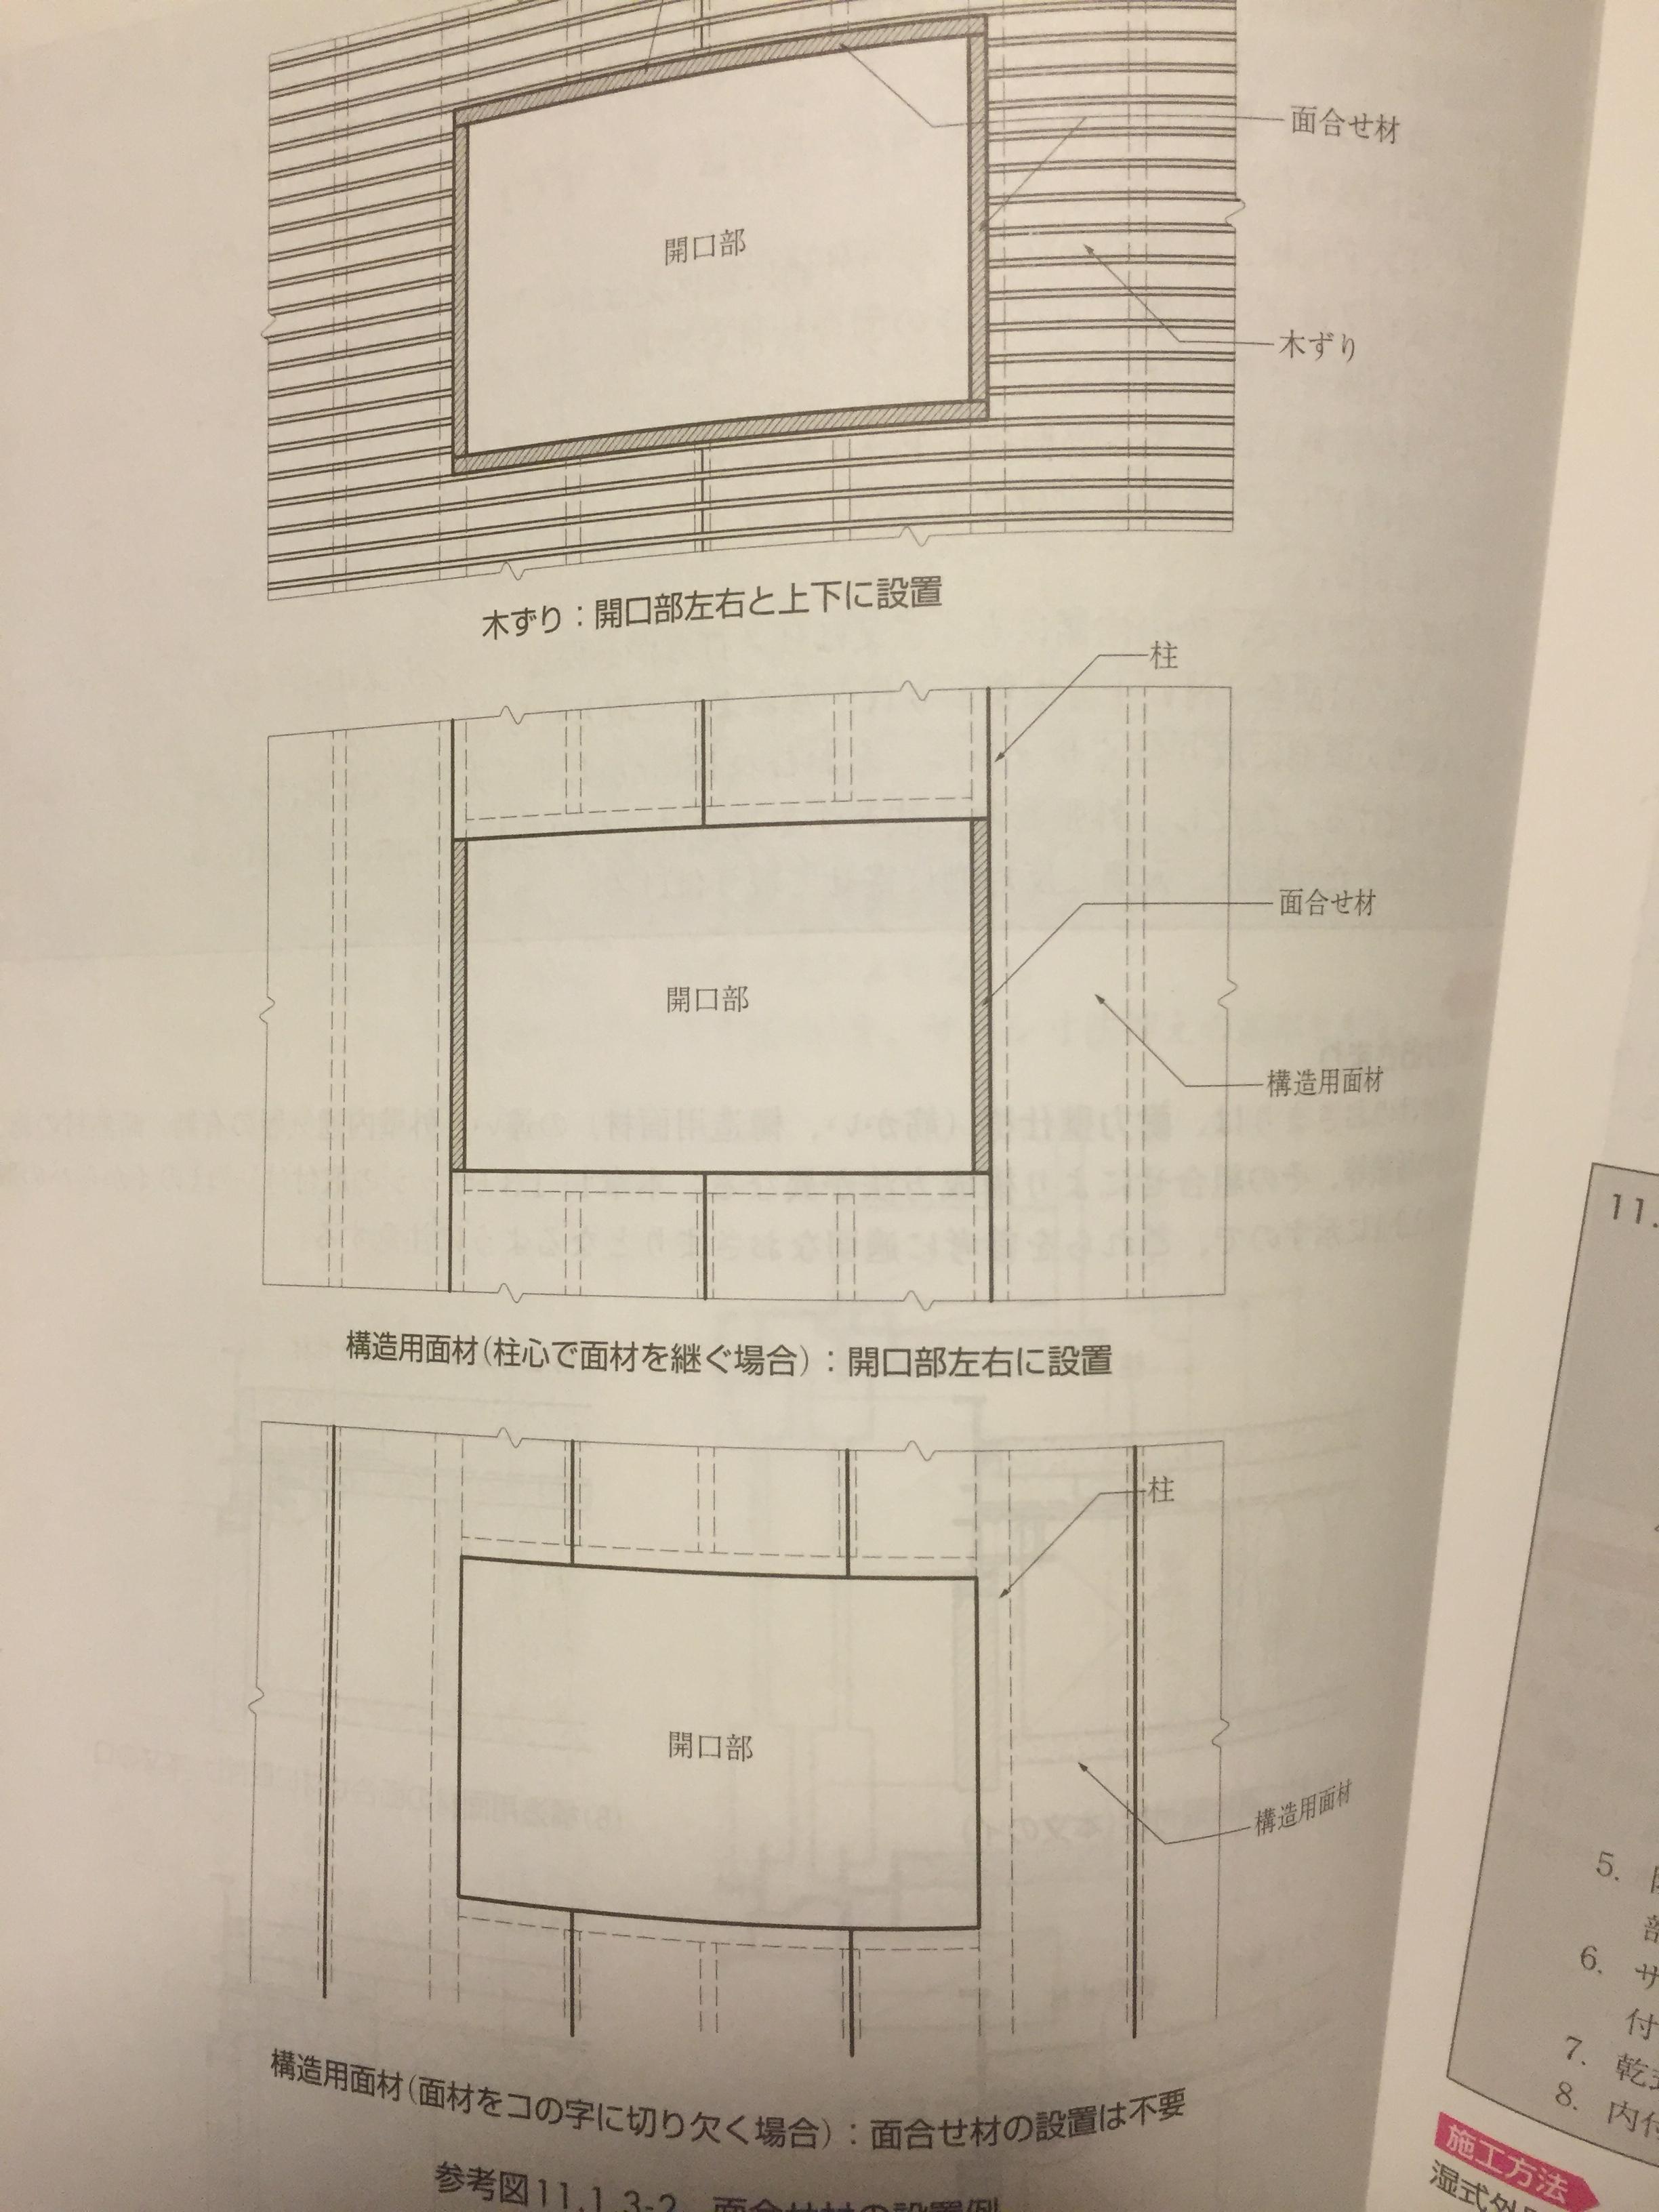 構造用合板貼り方3